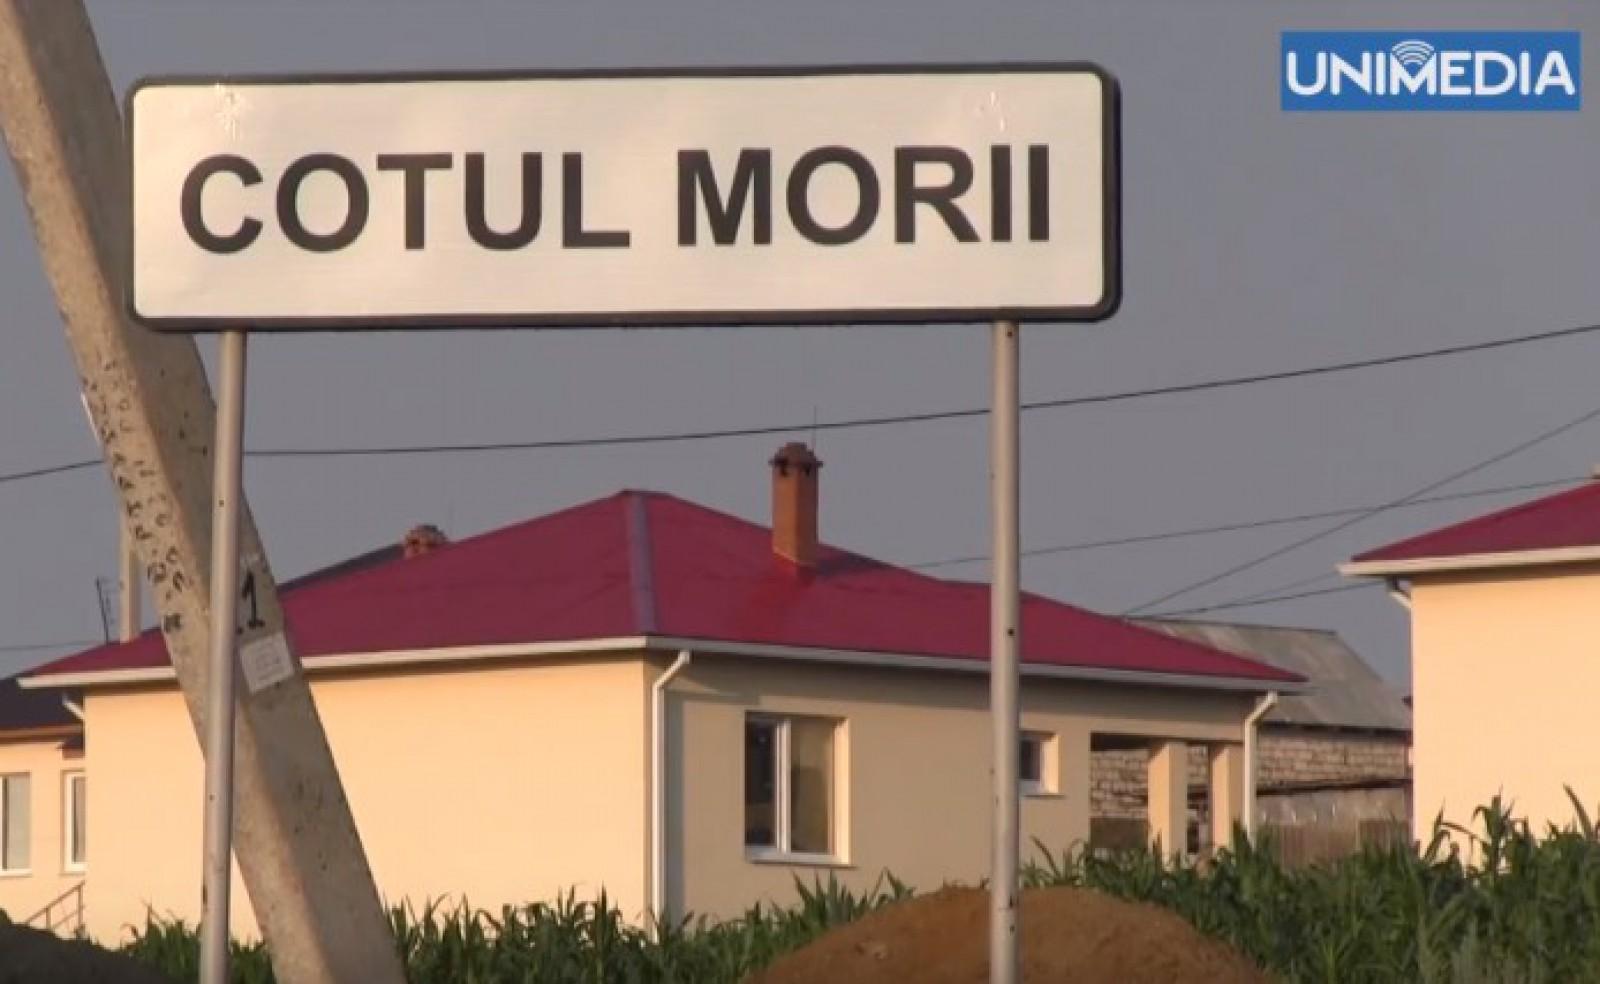 Comuna Cotul Morii neagă că ar fi semnat declarația anti-unire a socialiștilor: Este ilegal ce a făcut un consilier local